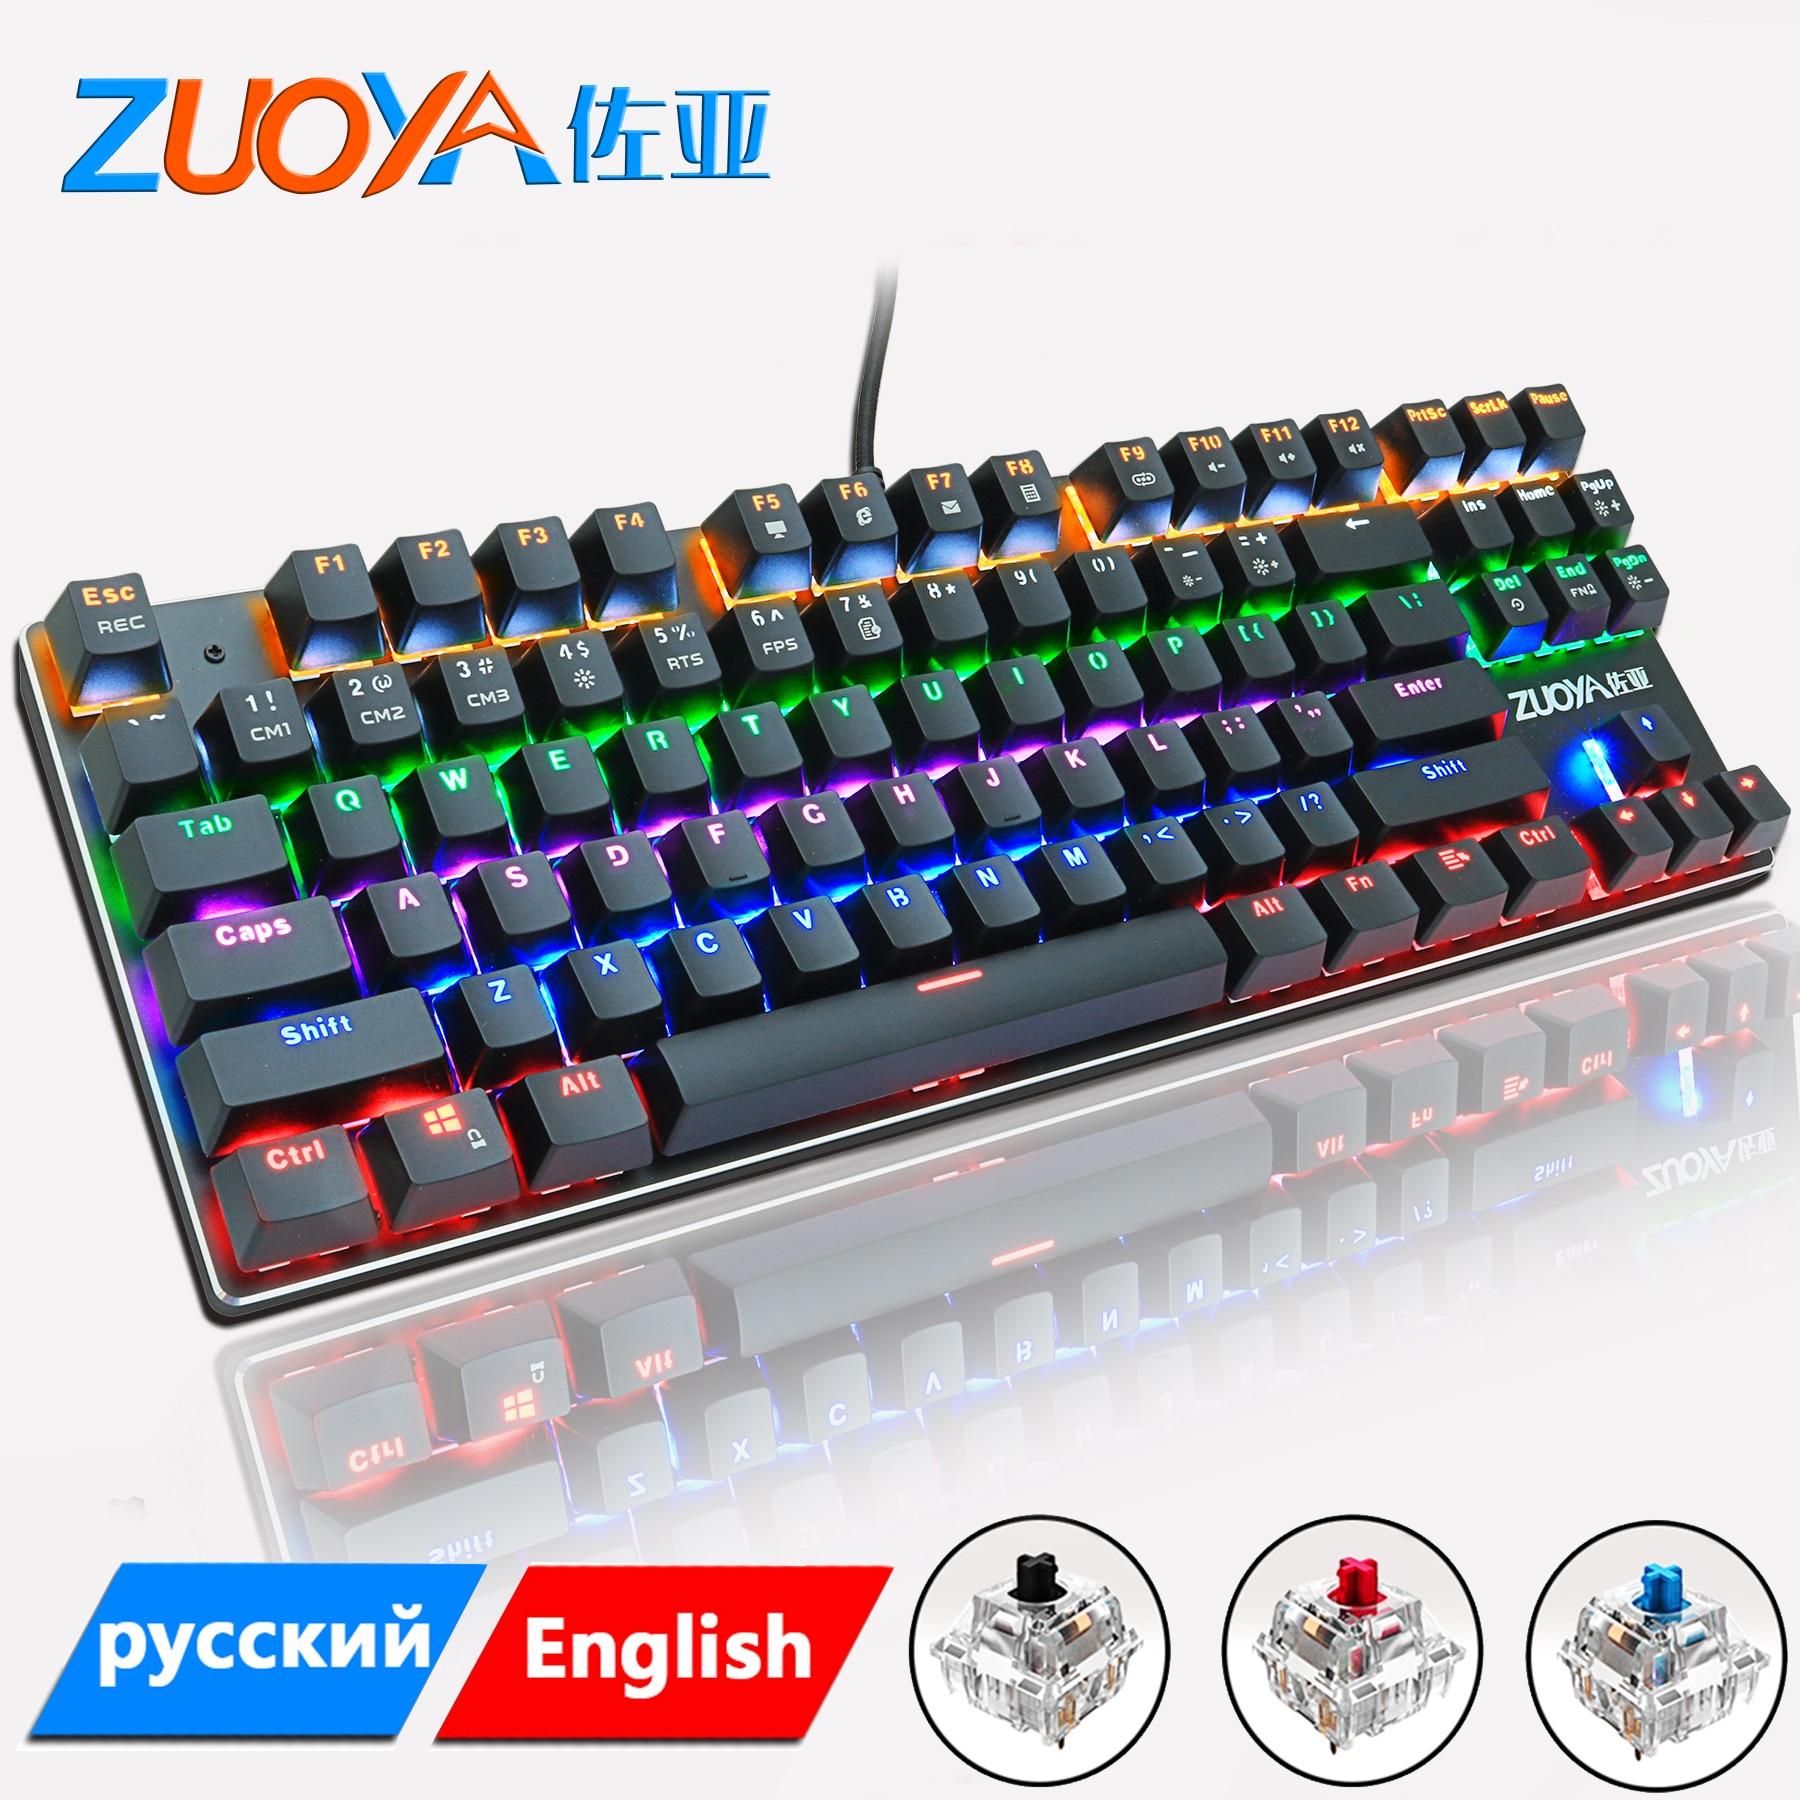 Teclado mecânico do jogo de zuoya led retroiluminado anti-fantasma azul/vermelho/preto interruptor com fio teclado do jogo russo/inglês para o portátil